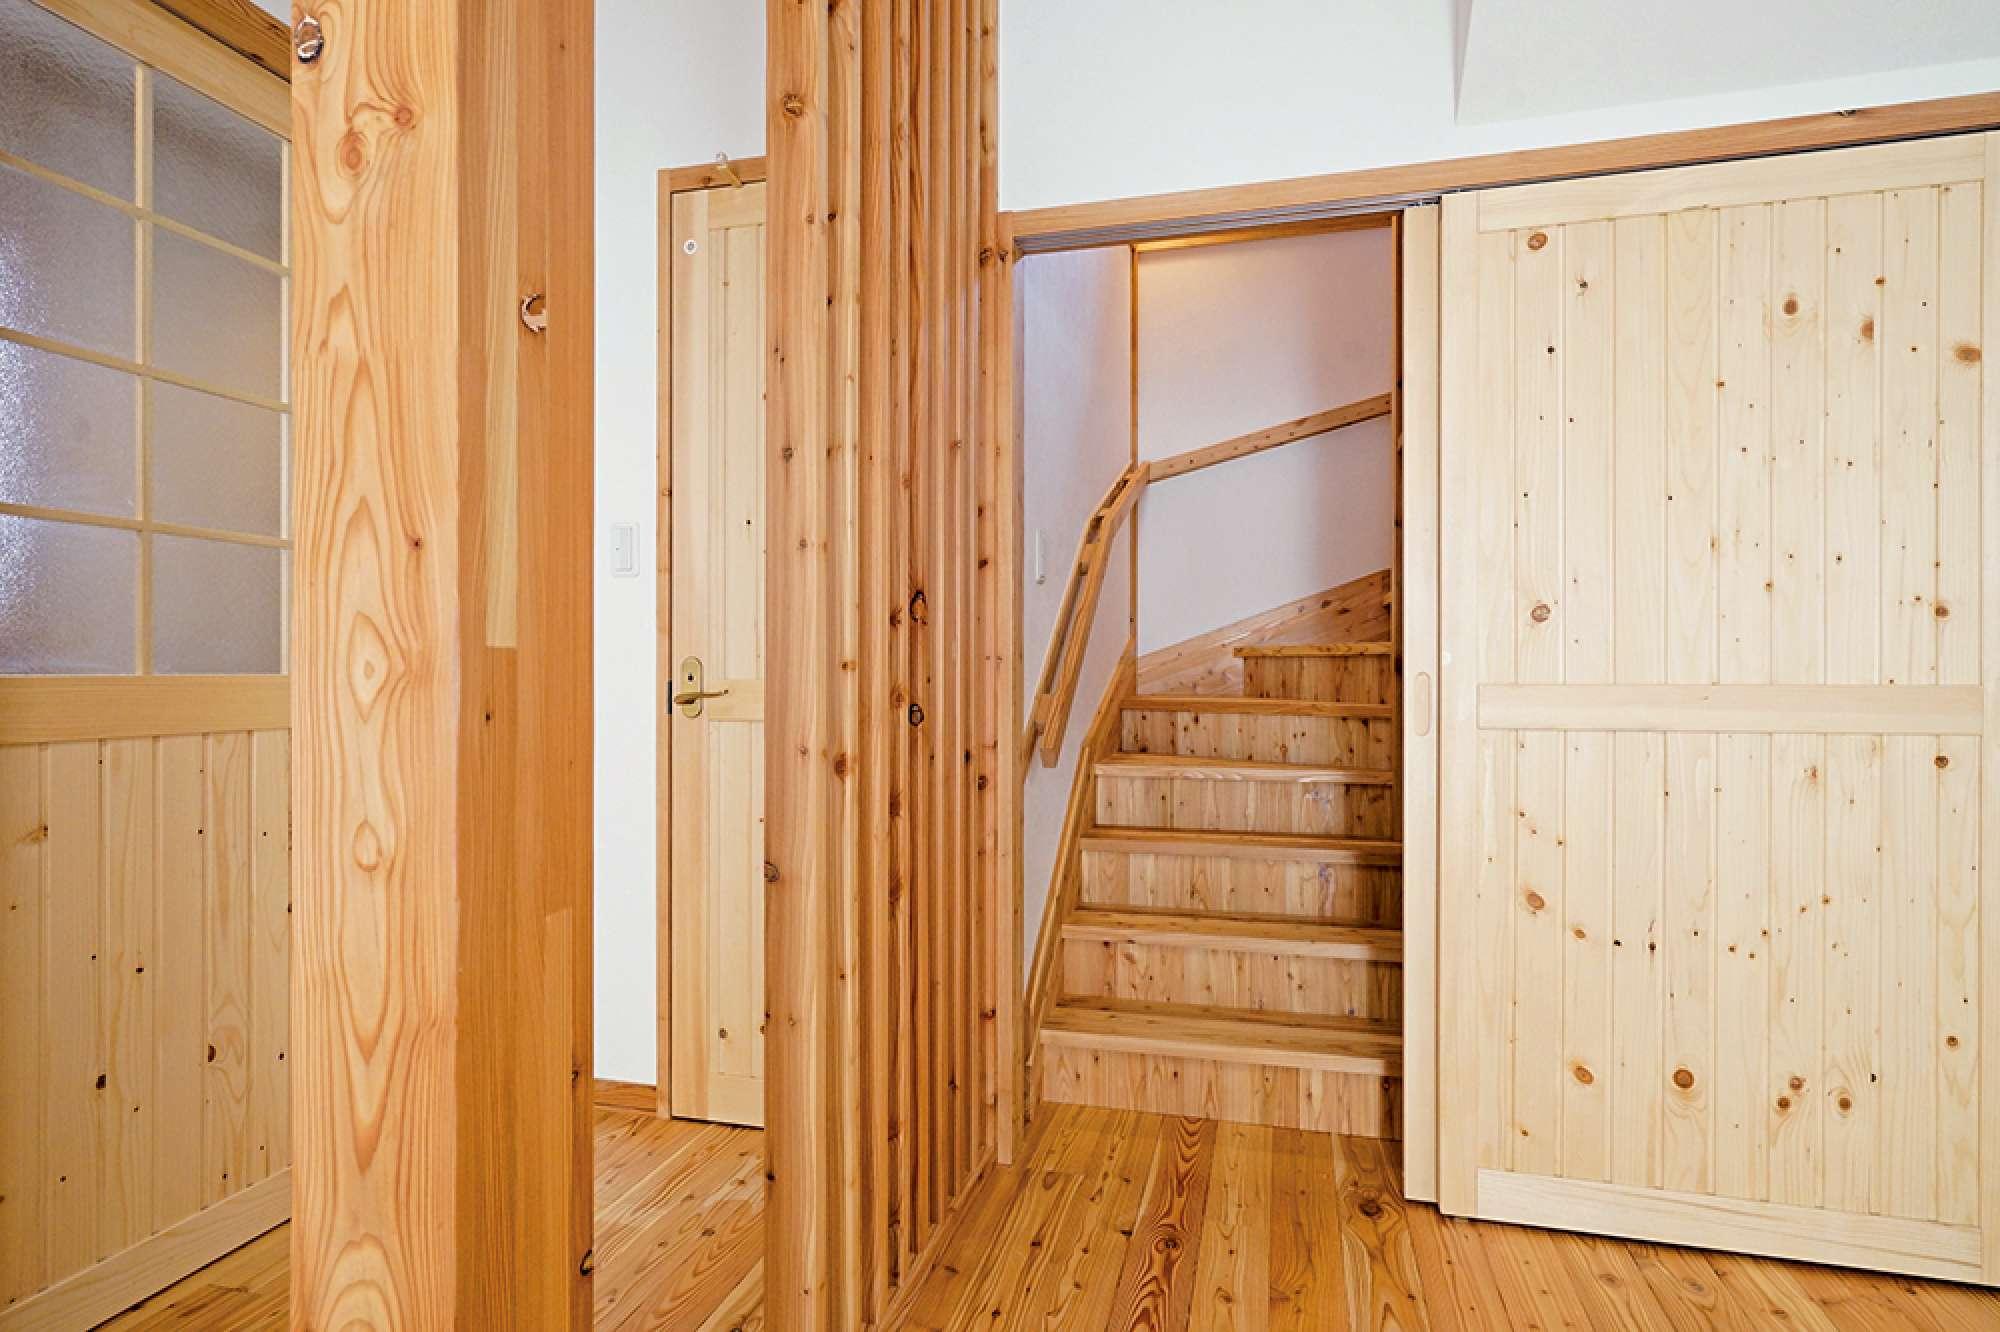 引き戸を開けると階段。縦格子ルーバーはトイレ扉の目隠し効果も -  -  -